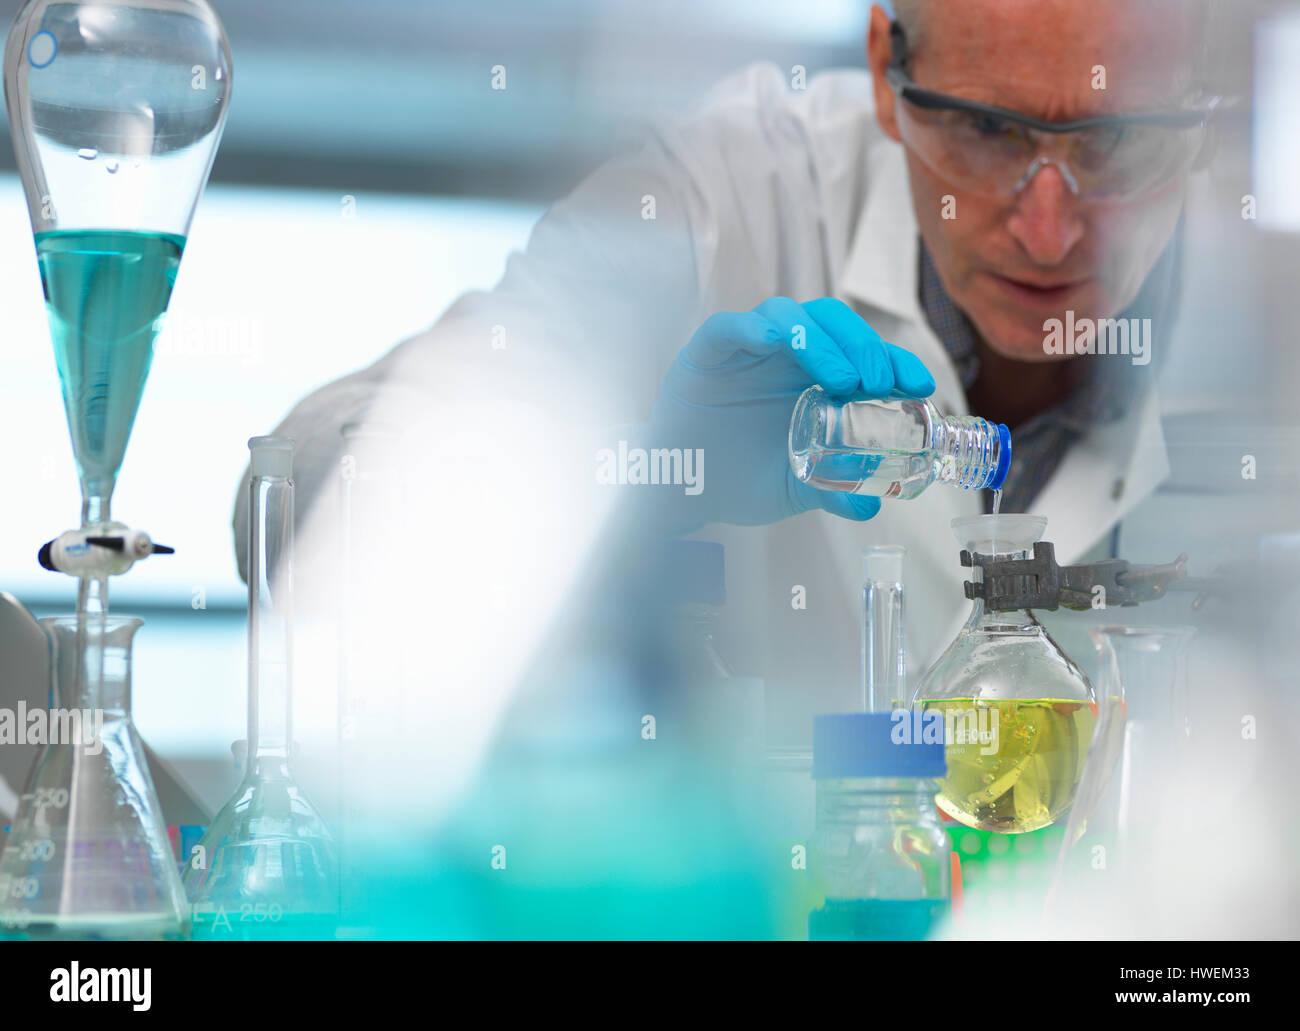 La biotecnología, el científico preparando una fórmula química durante un experimento en el Imagen De Stock